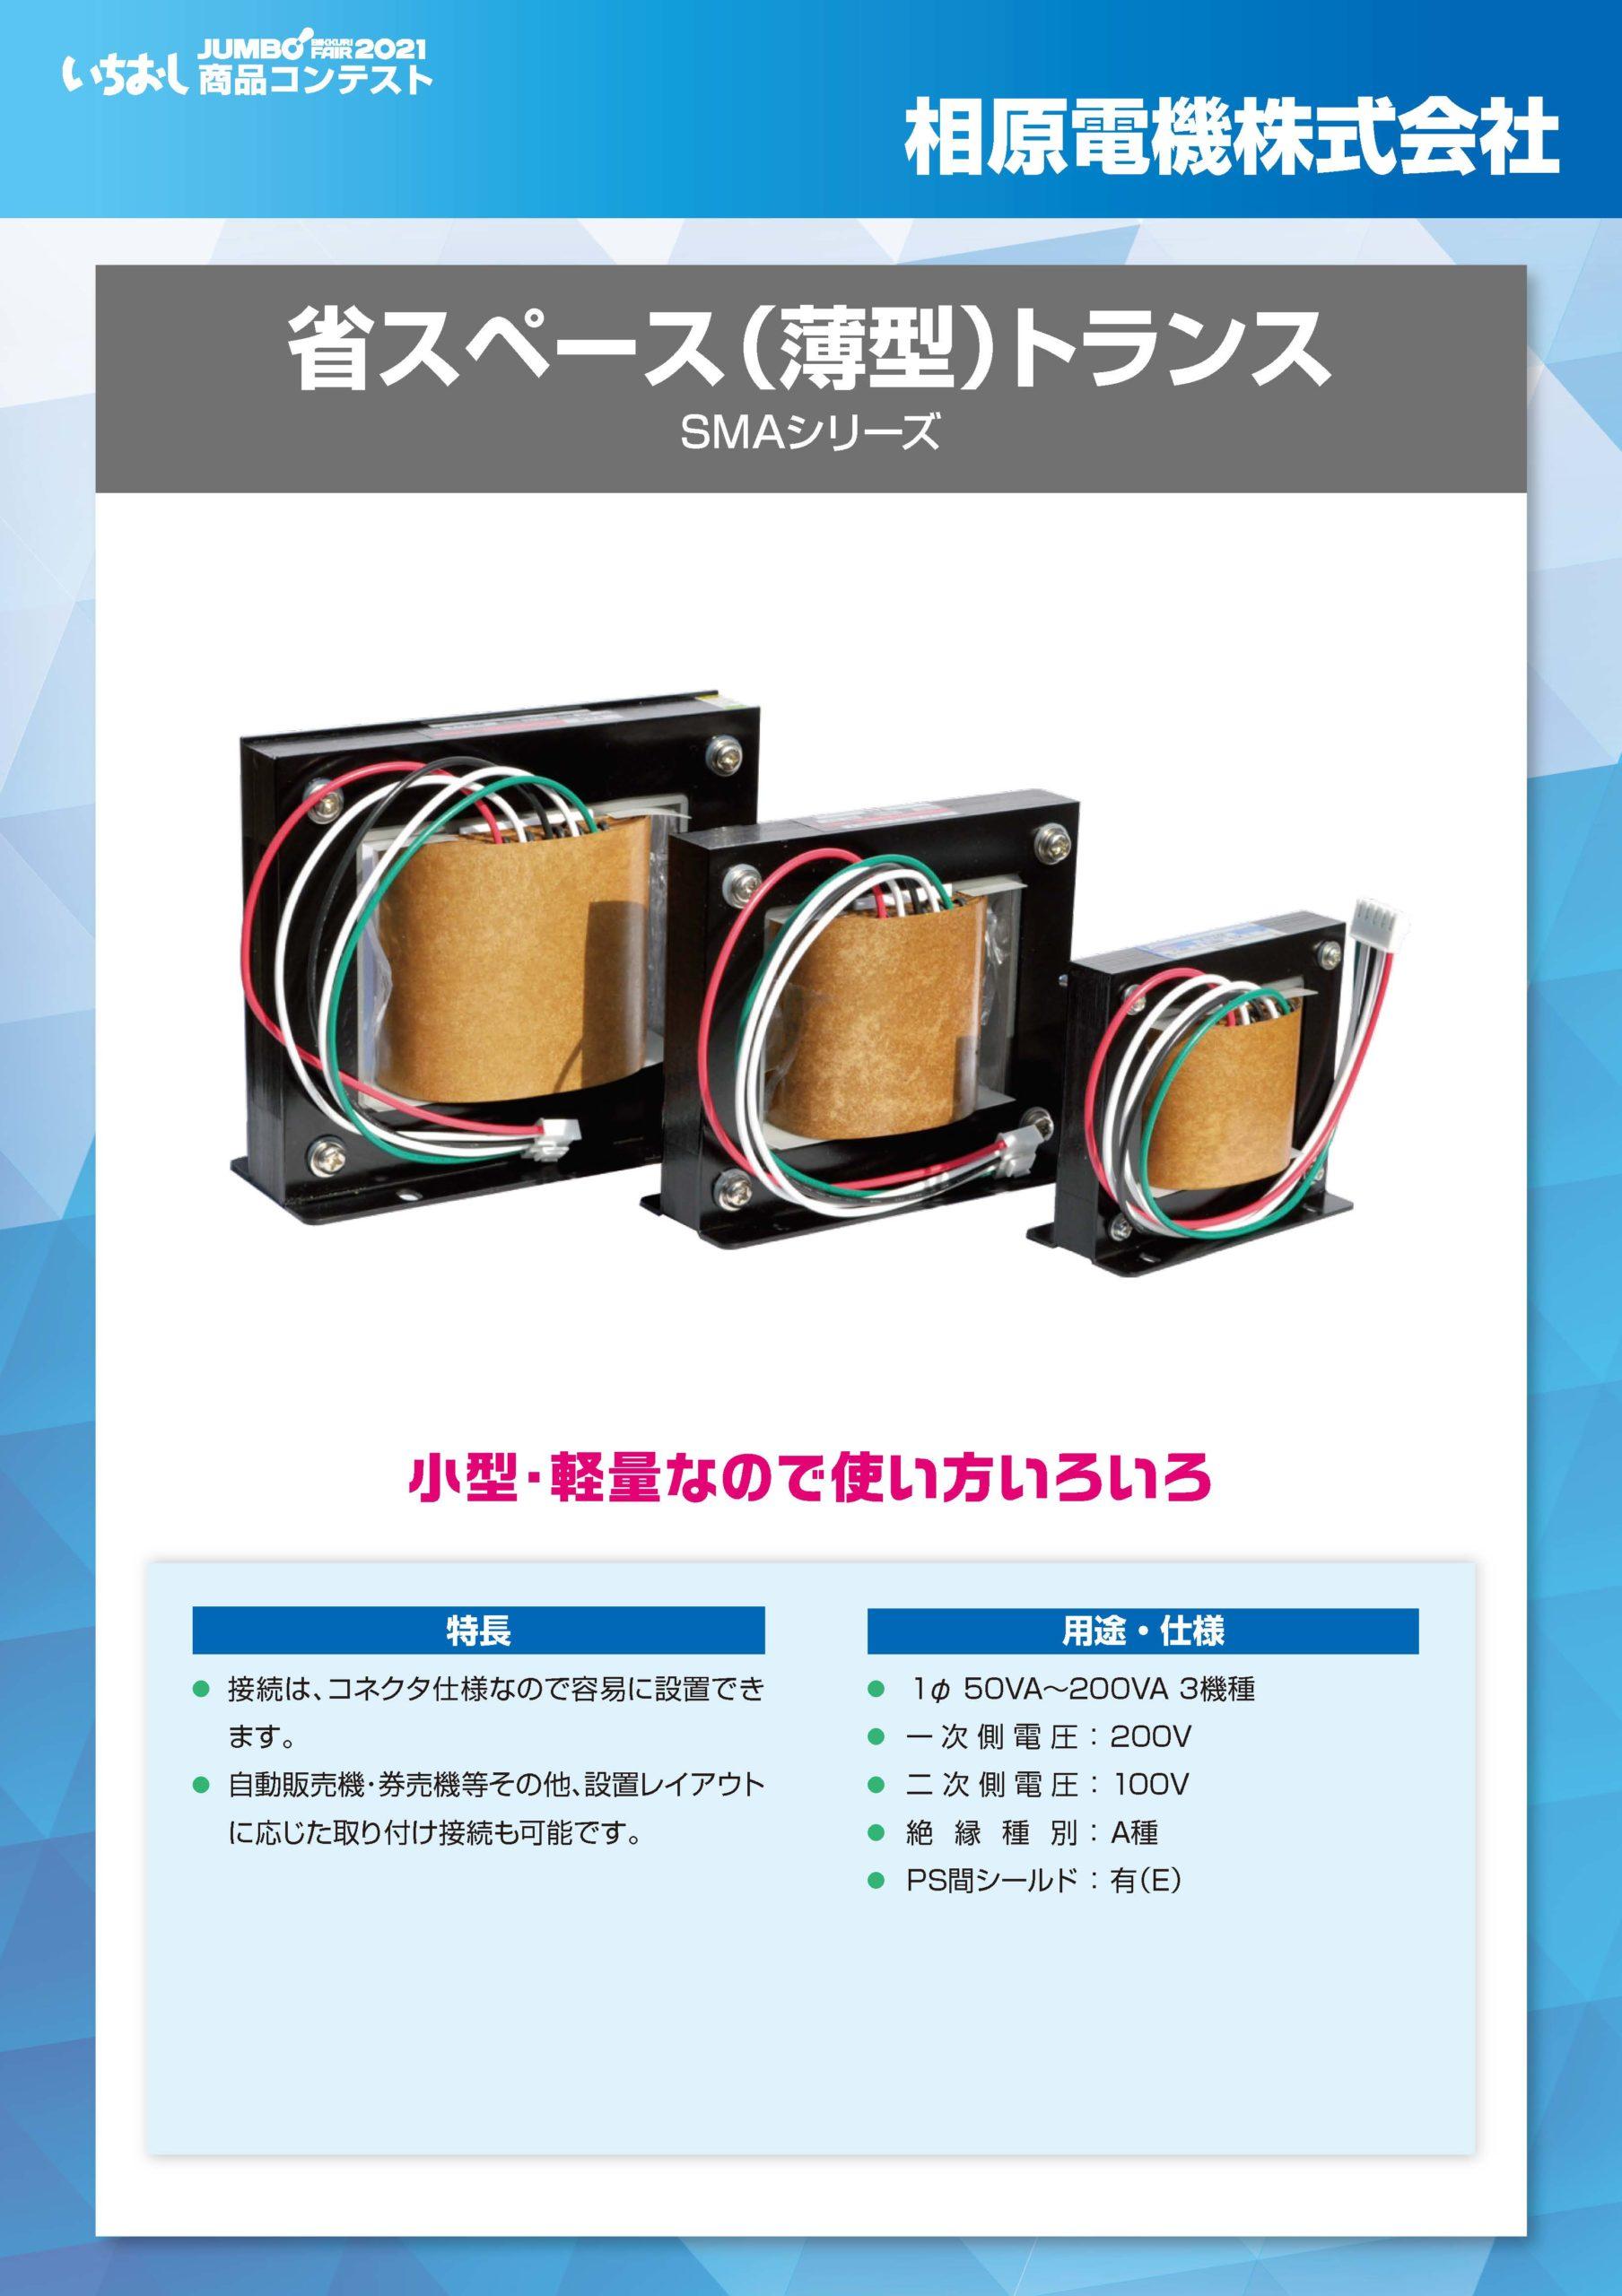 「省スペース(薄型)トランス」相原電機株式会社の画像